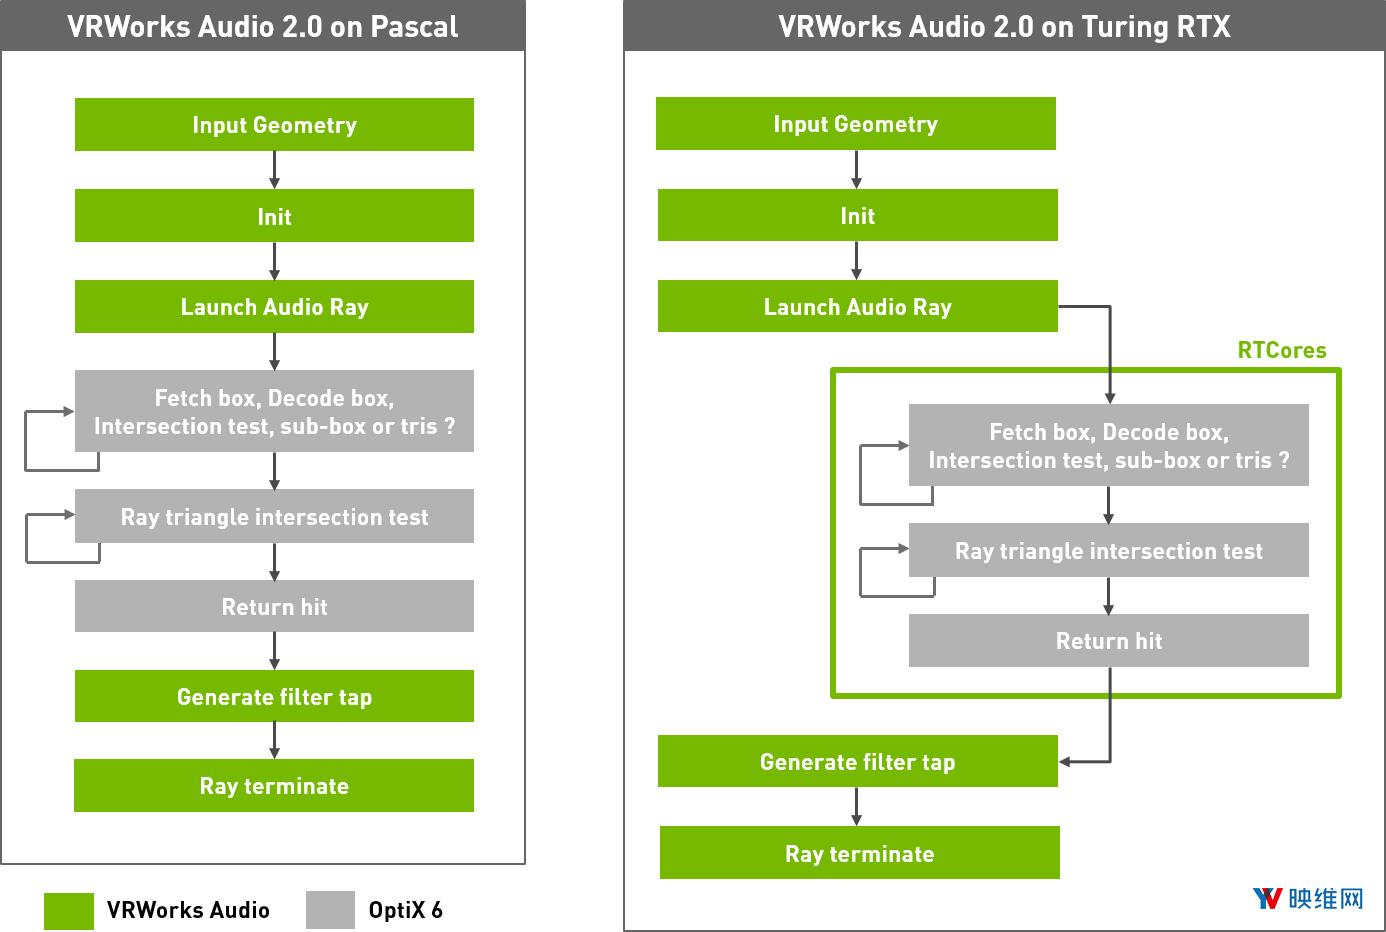 英伟达发布3D空间音频VRWorks Audio 2.0,性能显著提升